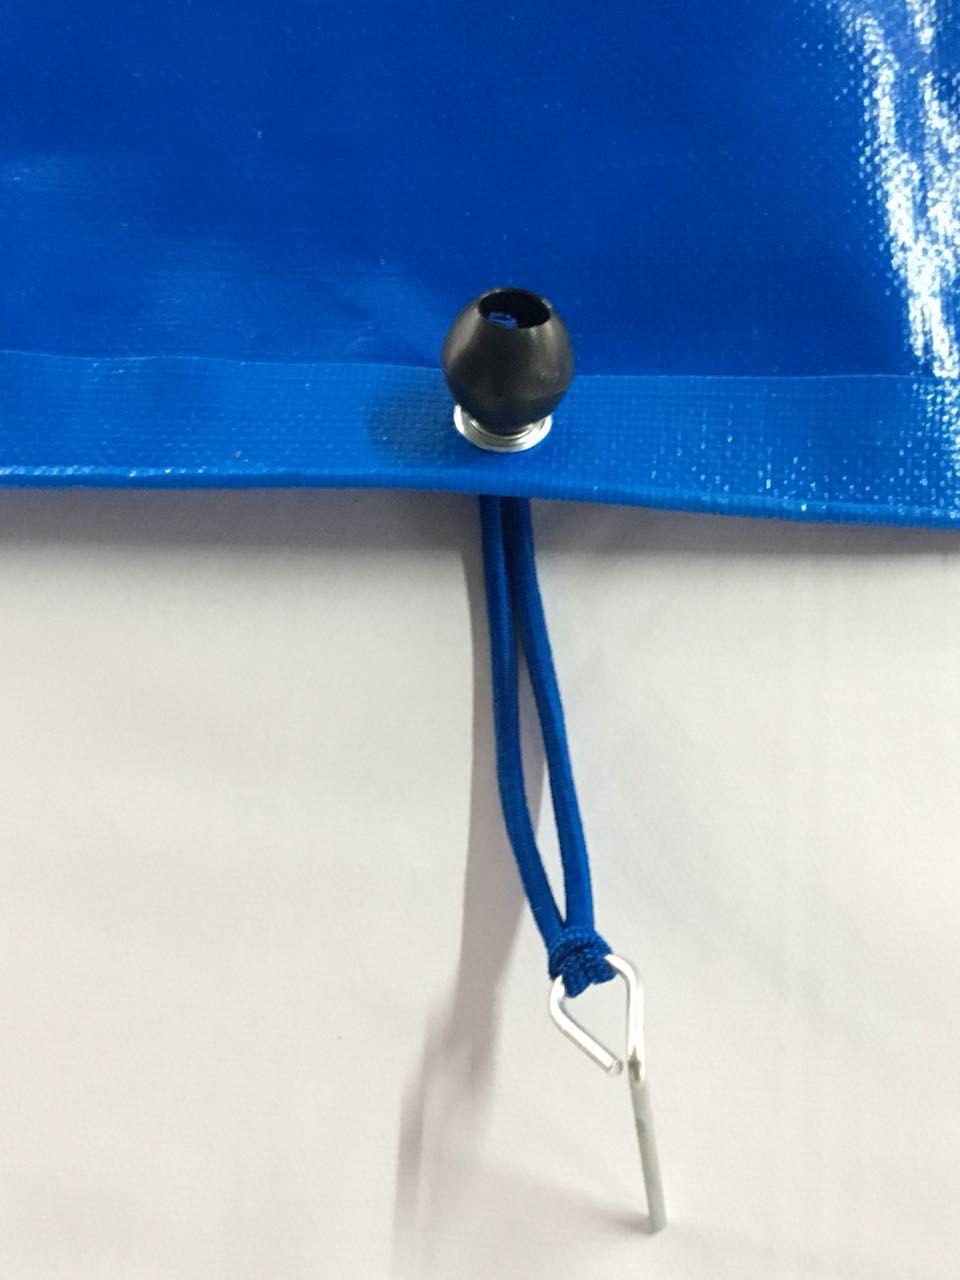 Capa para Piscina SL 300 Azul Completa com Acessórios Pinos e Extensores 7x3 m